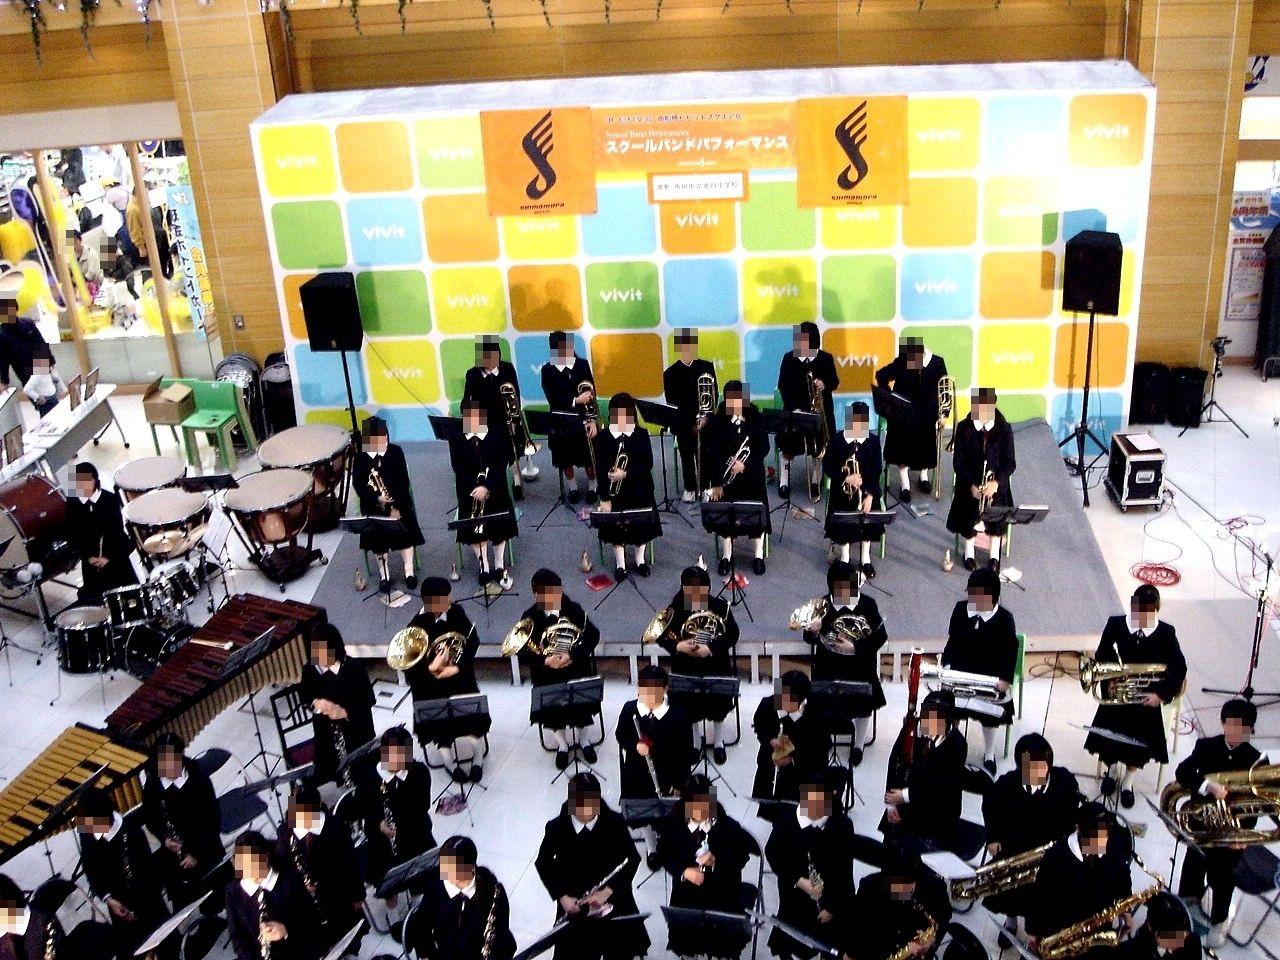 東京ベイ船橋ビビット2010Part2                vivit